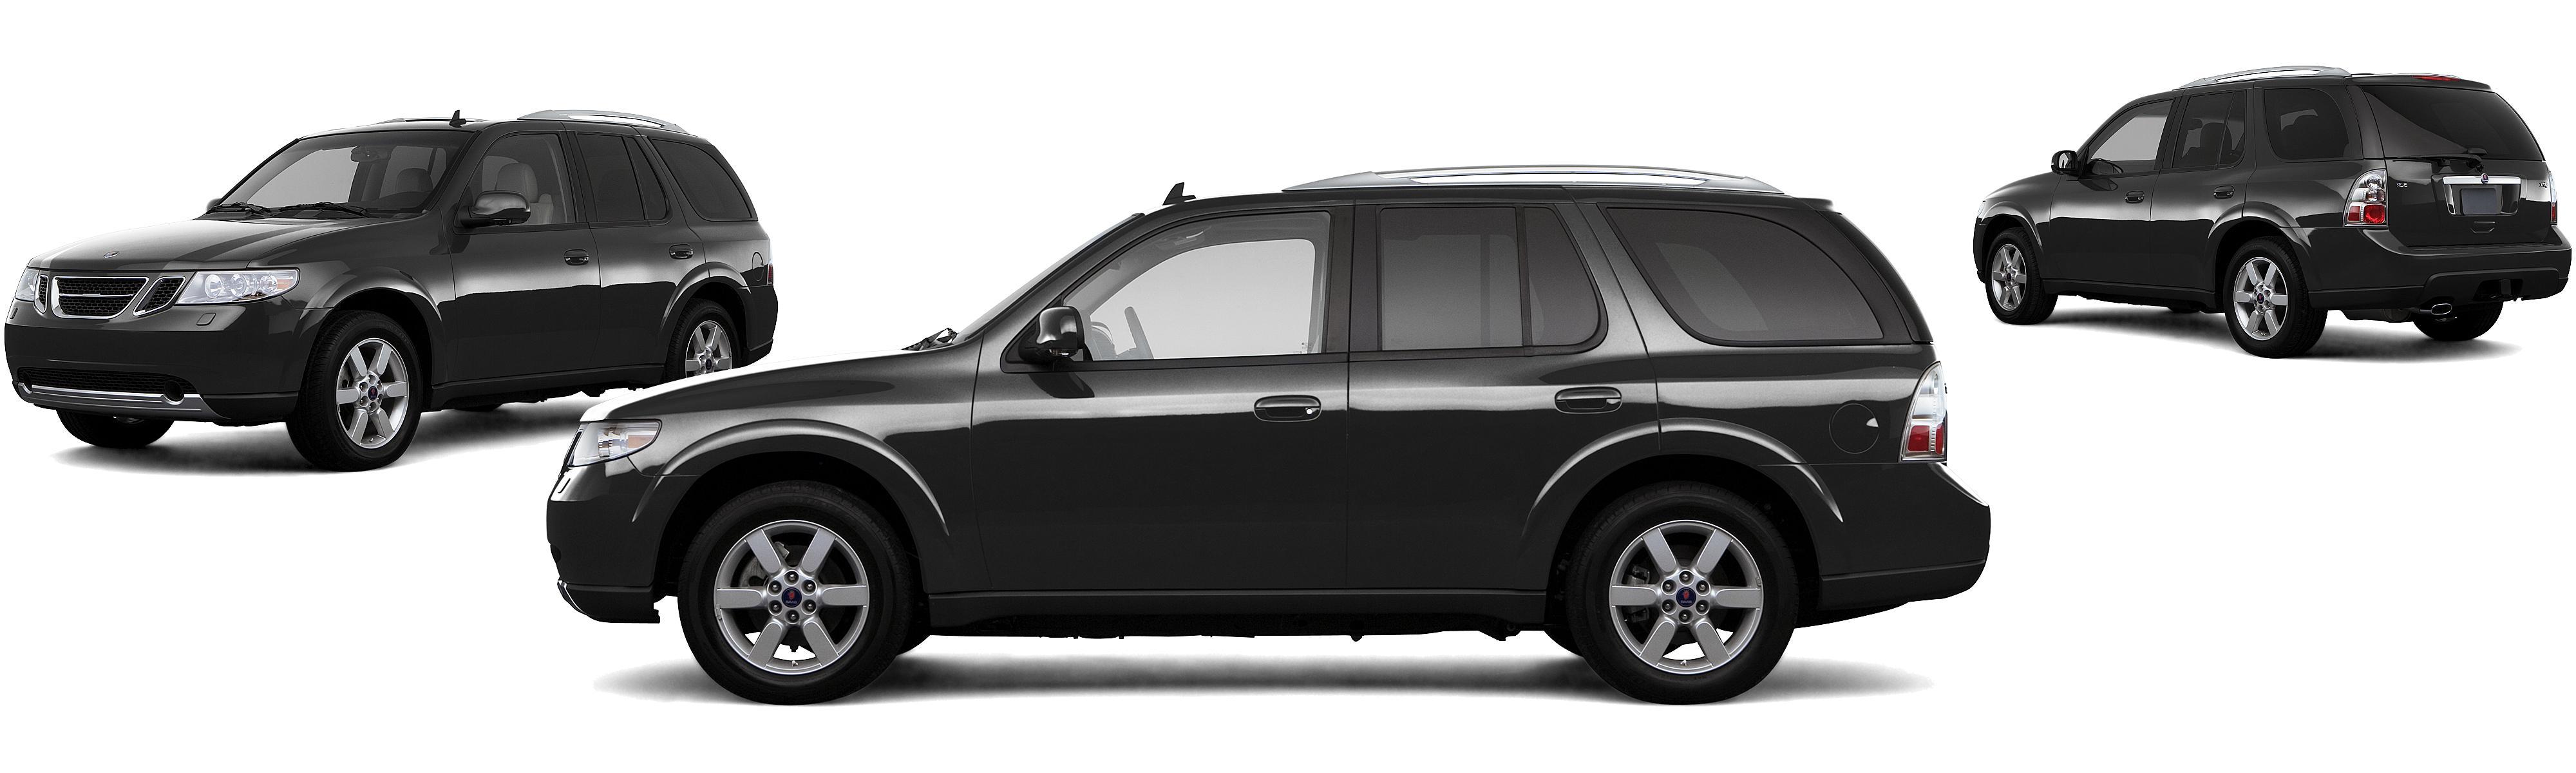 saab 97 x owner manual 2006 today manual guide trends sample u2022 rh brookejasmine co 2009 Saab SUV 2009 Saab SUV